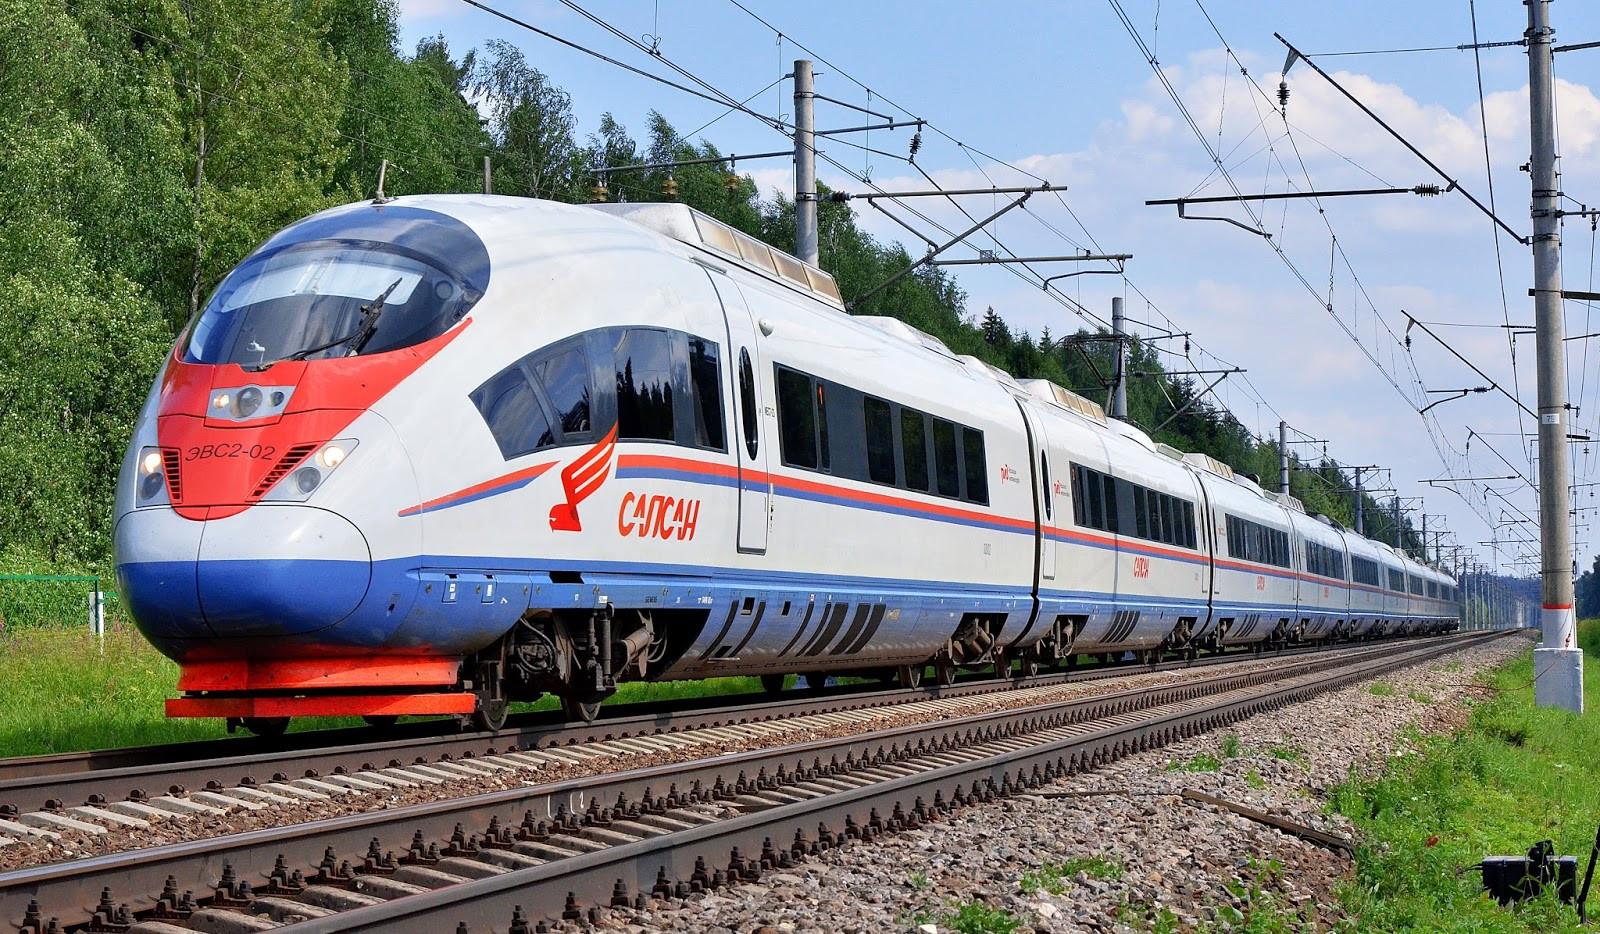 Младенец попал под поезд из-за матери внаушниках вПодмосковье